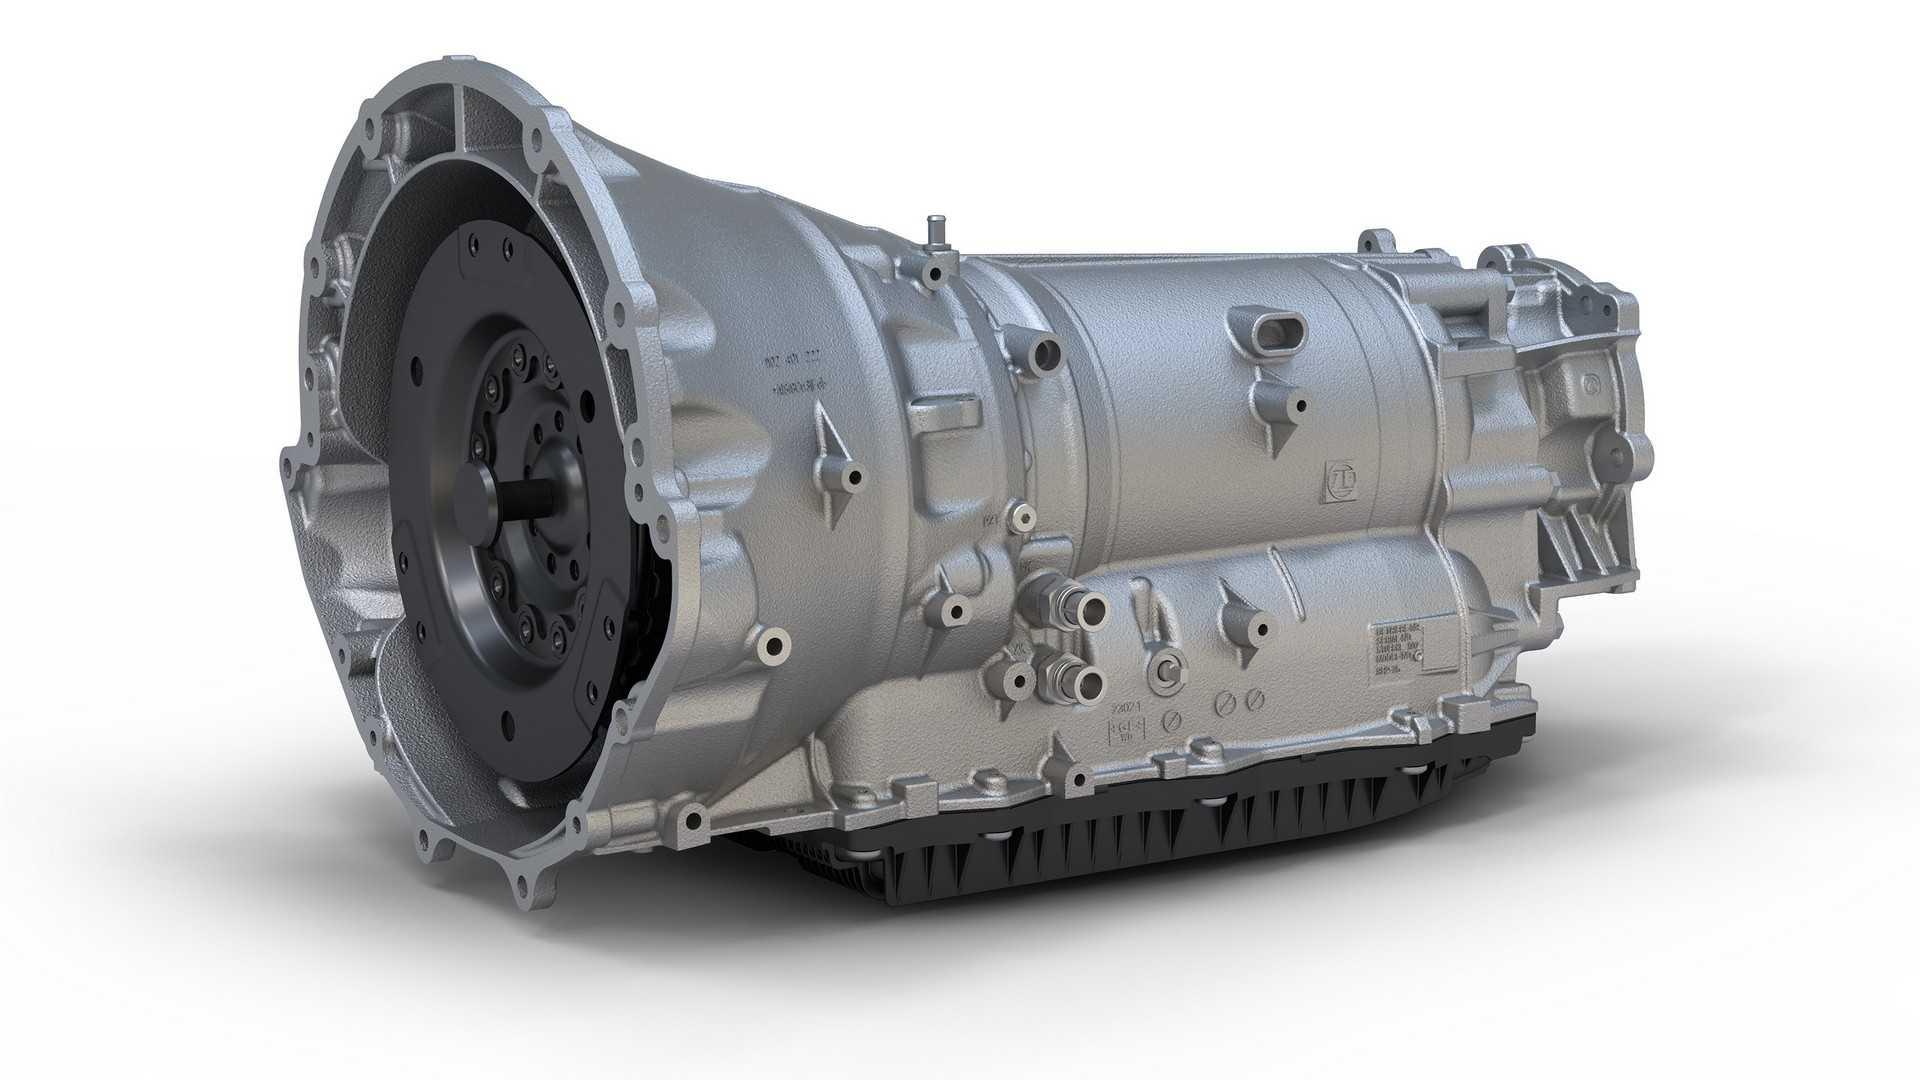 2019-ram-heavy-duty-powertrain-technologies (2)